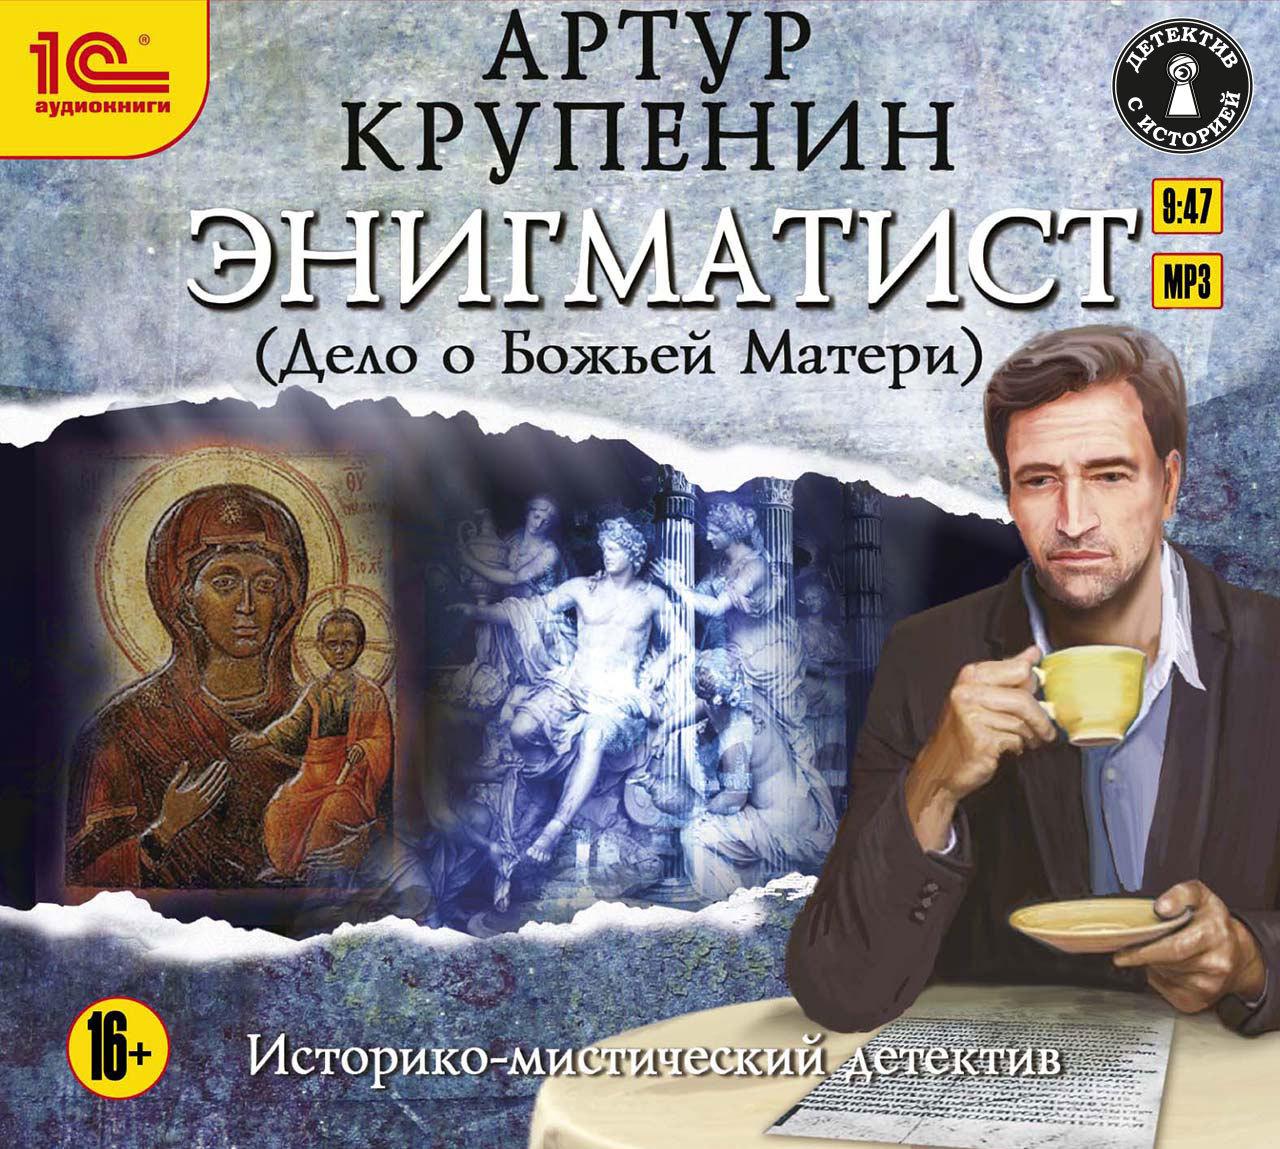 Артур Крупенин Энигматист (Дело о Божьей Матери)